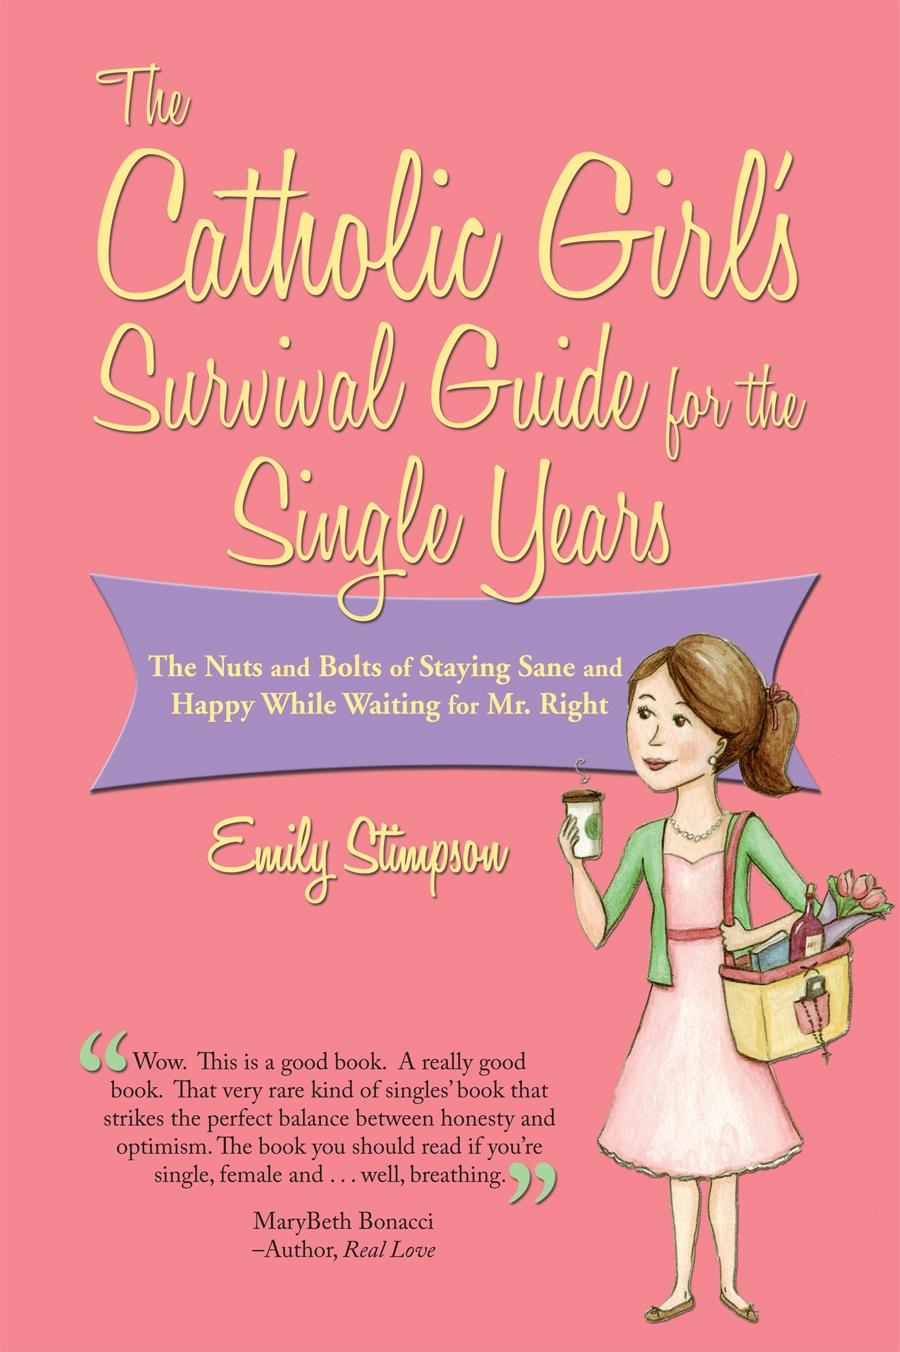 Delong single catholic girls